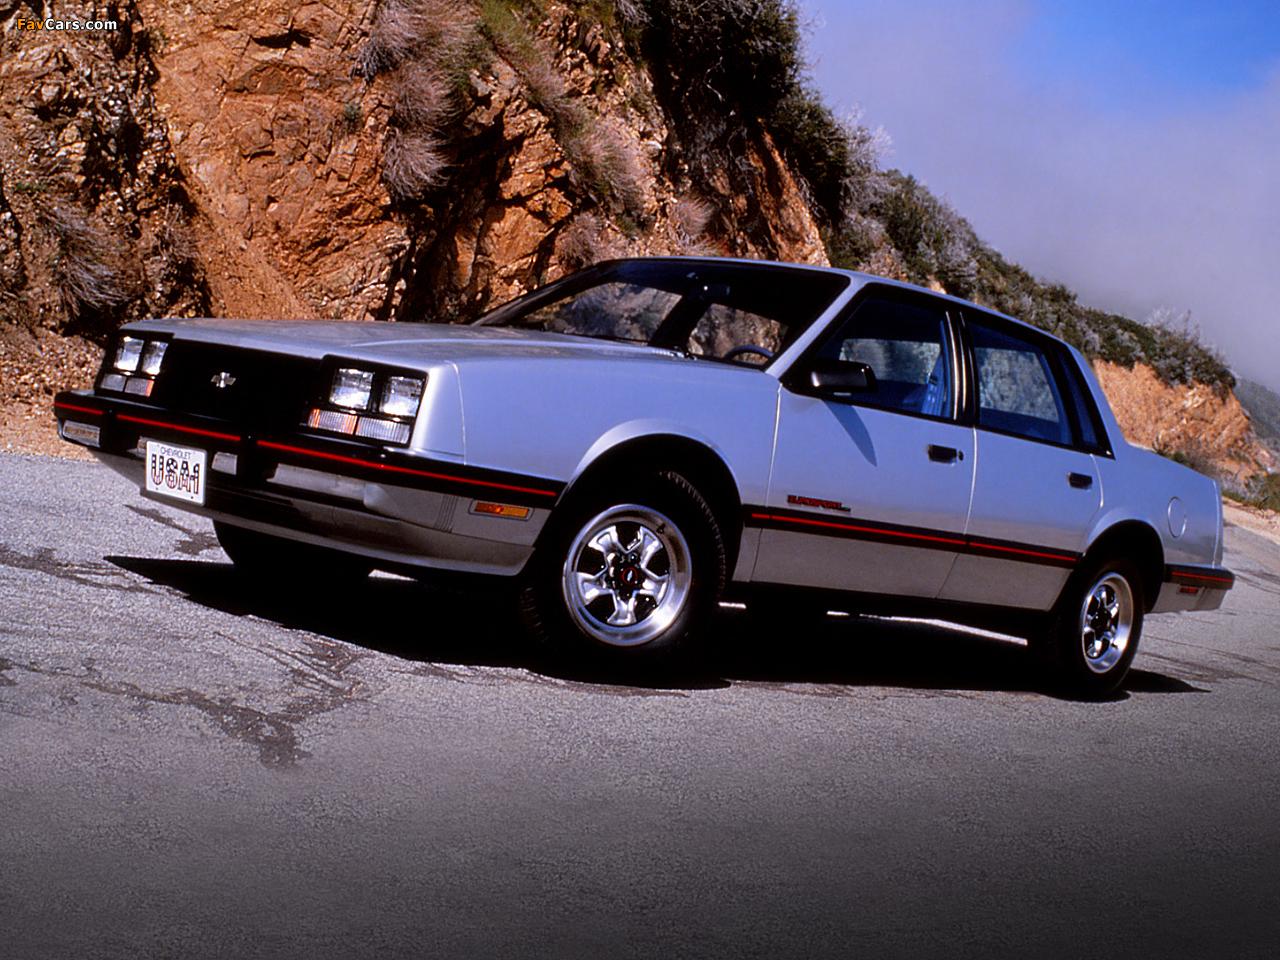 1985 Chevrolet Celebrity Eurosport - Fuel Injection V6 ...